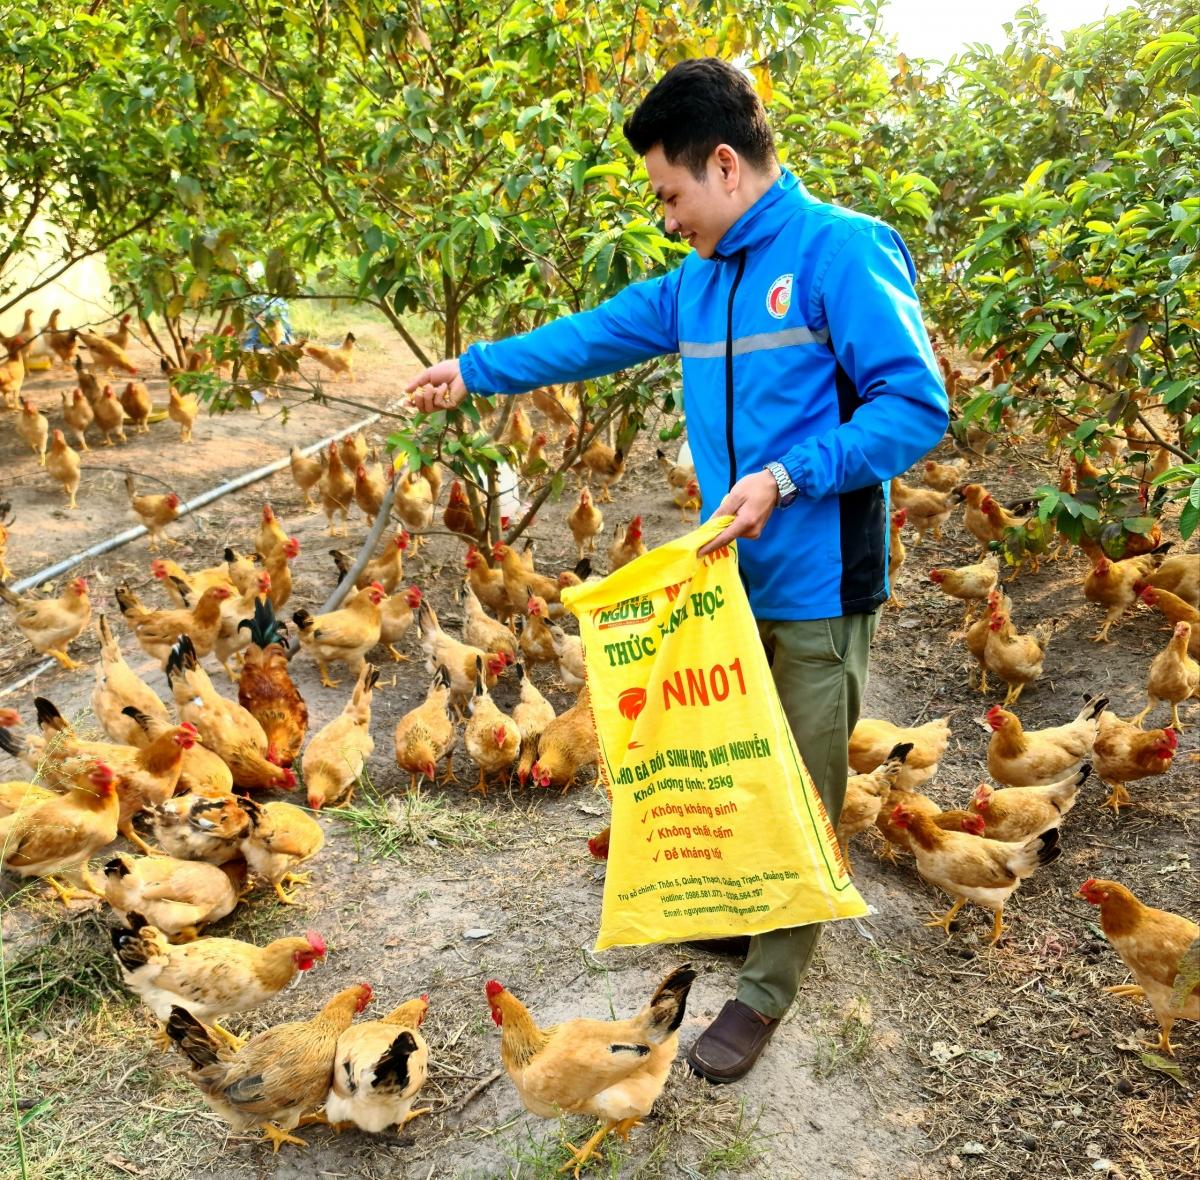 Công ty THHH Phát triển Nông nghiệp Nhị Nguyễn chuyên nuôi 2 giống gà hiếm trên thị trường: ri rừng và ri bản địa, có chất lượng thịt ngon. (Ảnh NVCC)